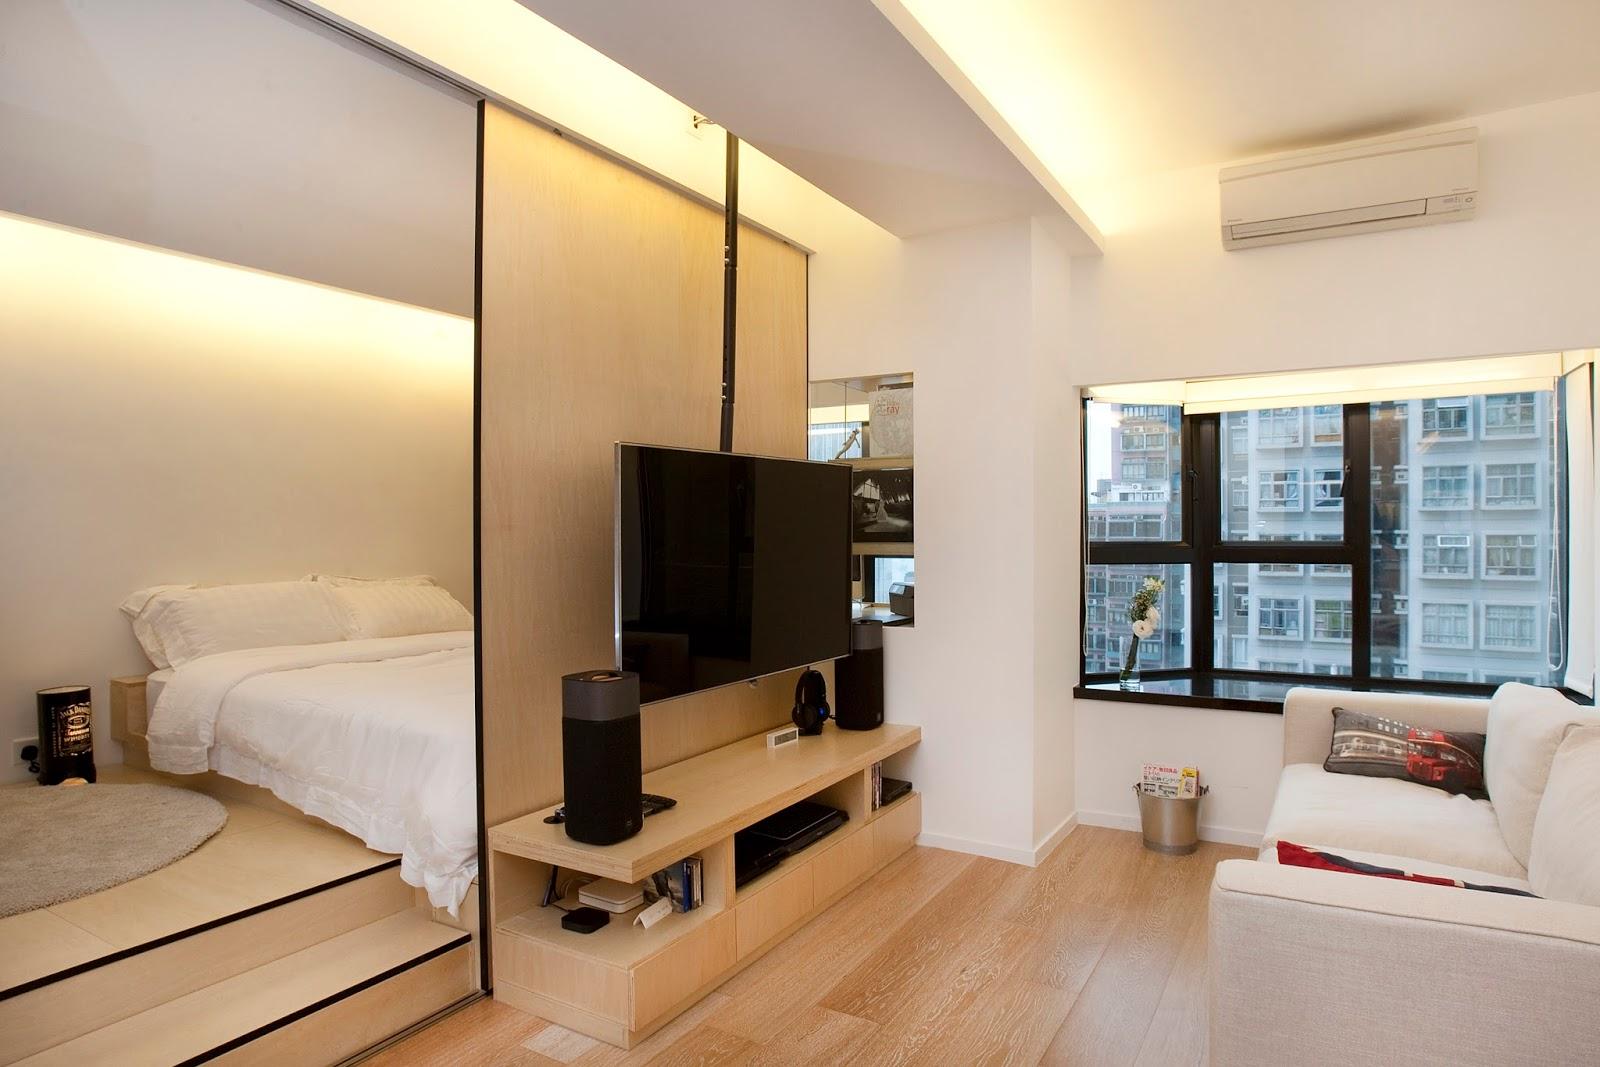 Hong Kong Interior Design Tips & Ideas   Clifton Leung: 6 ...